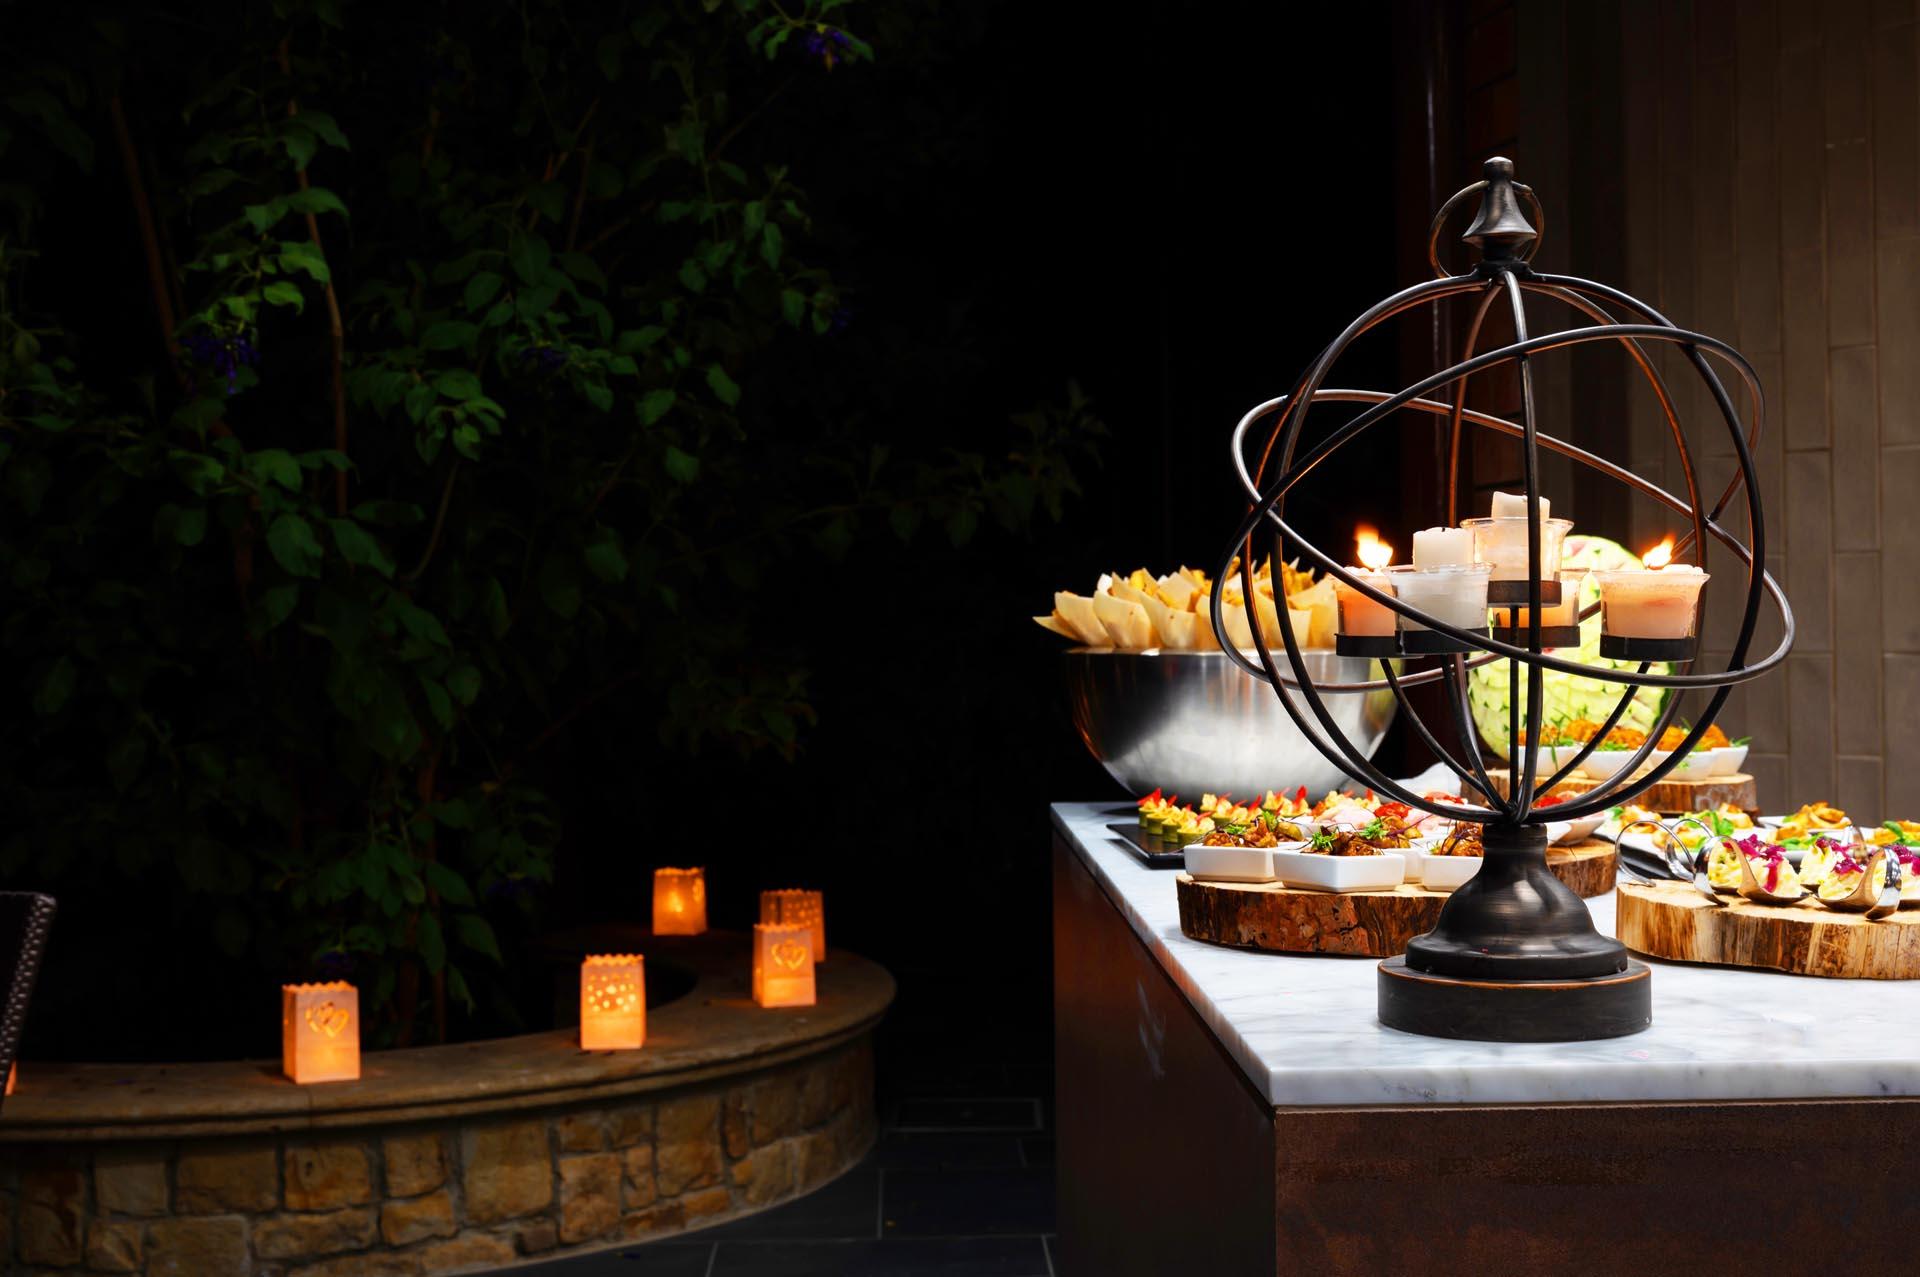 buffet-banchetti-ricevimento-villa-dei-melograni-gallery-cefalù-ristorante-battesimo-matrimonio-cerimonia-ristorante-ricevimento-catering-cefalù (8)